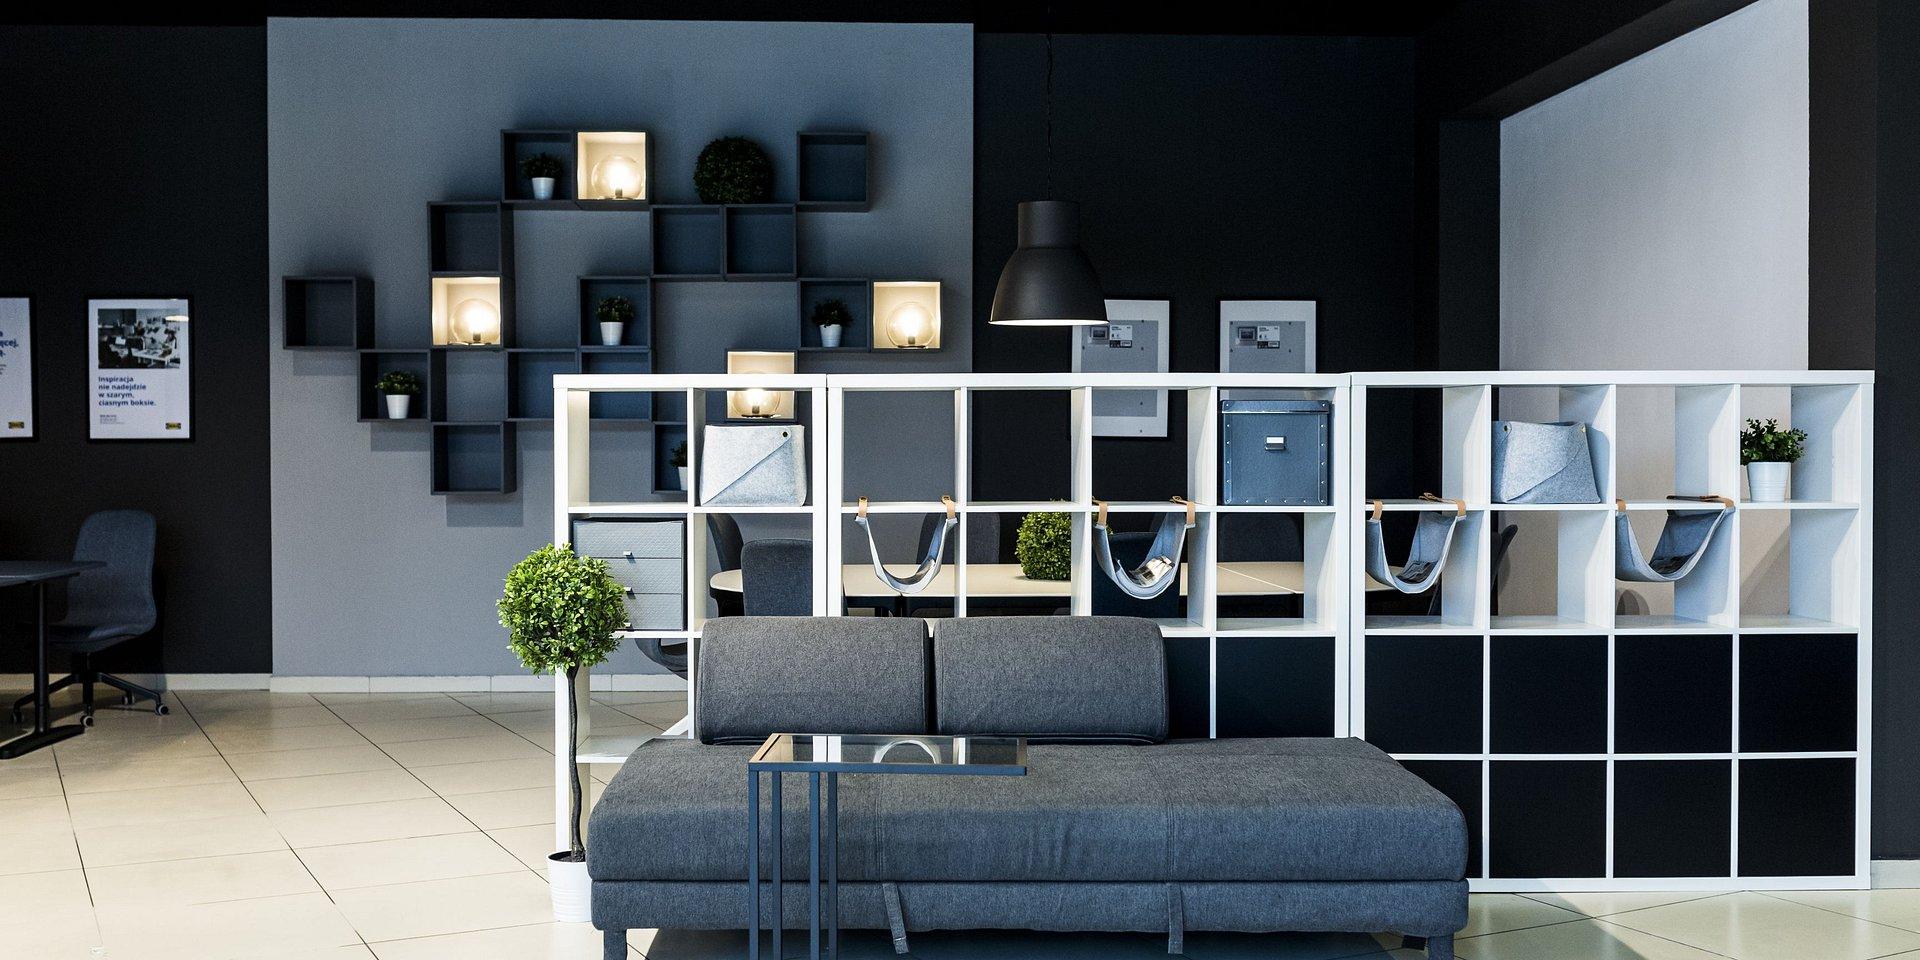 Galeria Katowicka urządziła coworking we współpracy z IKEA